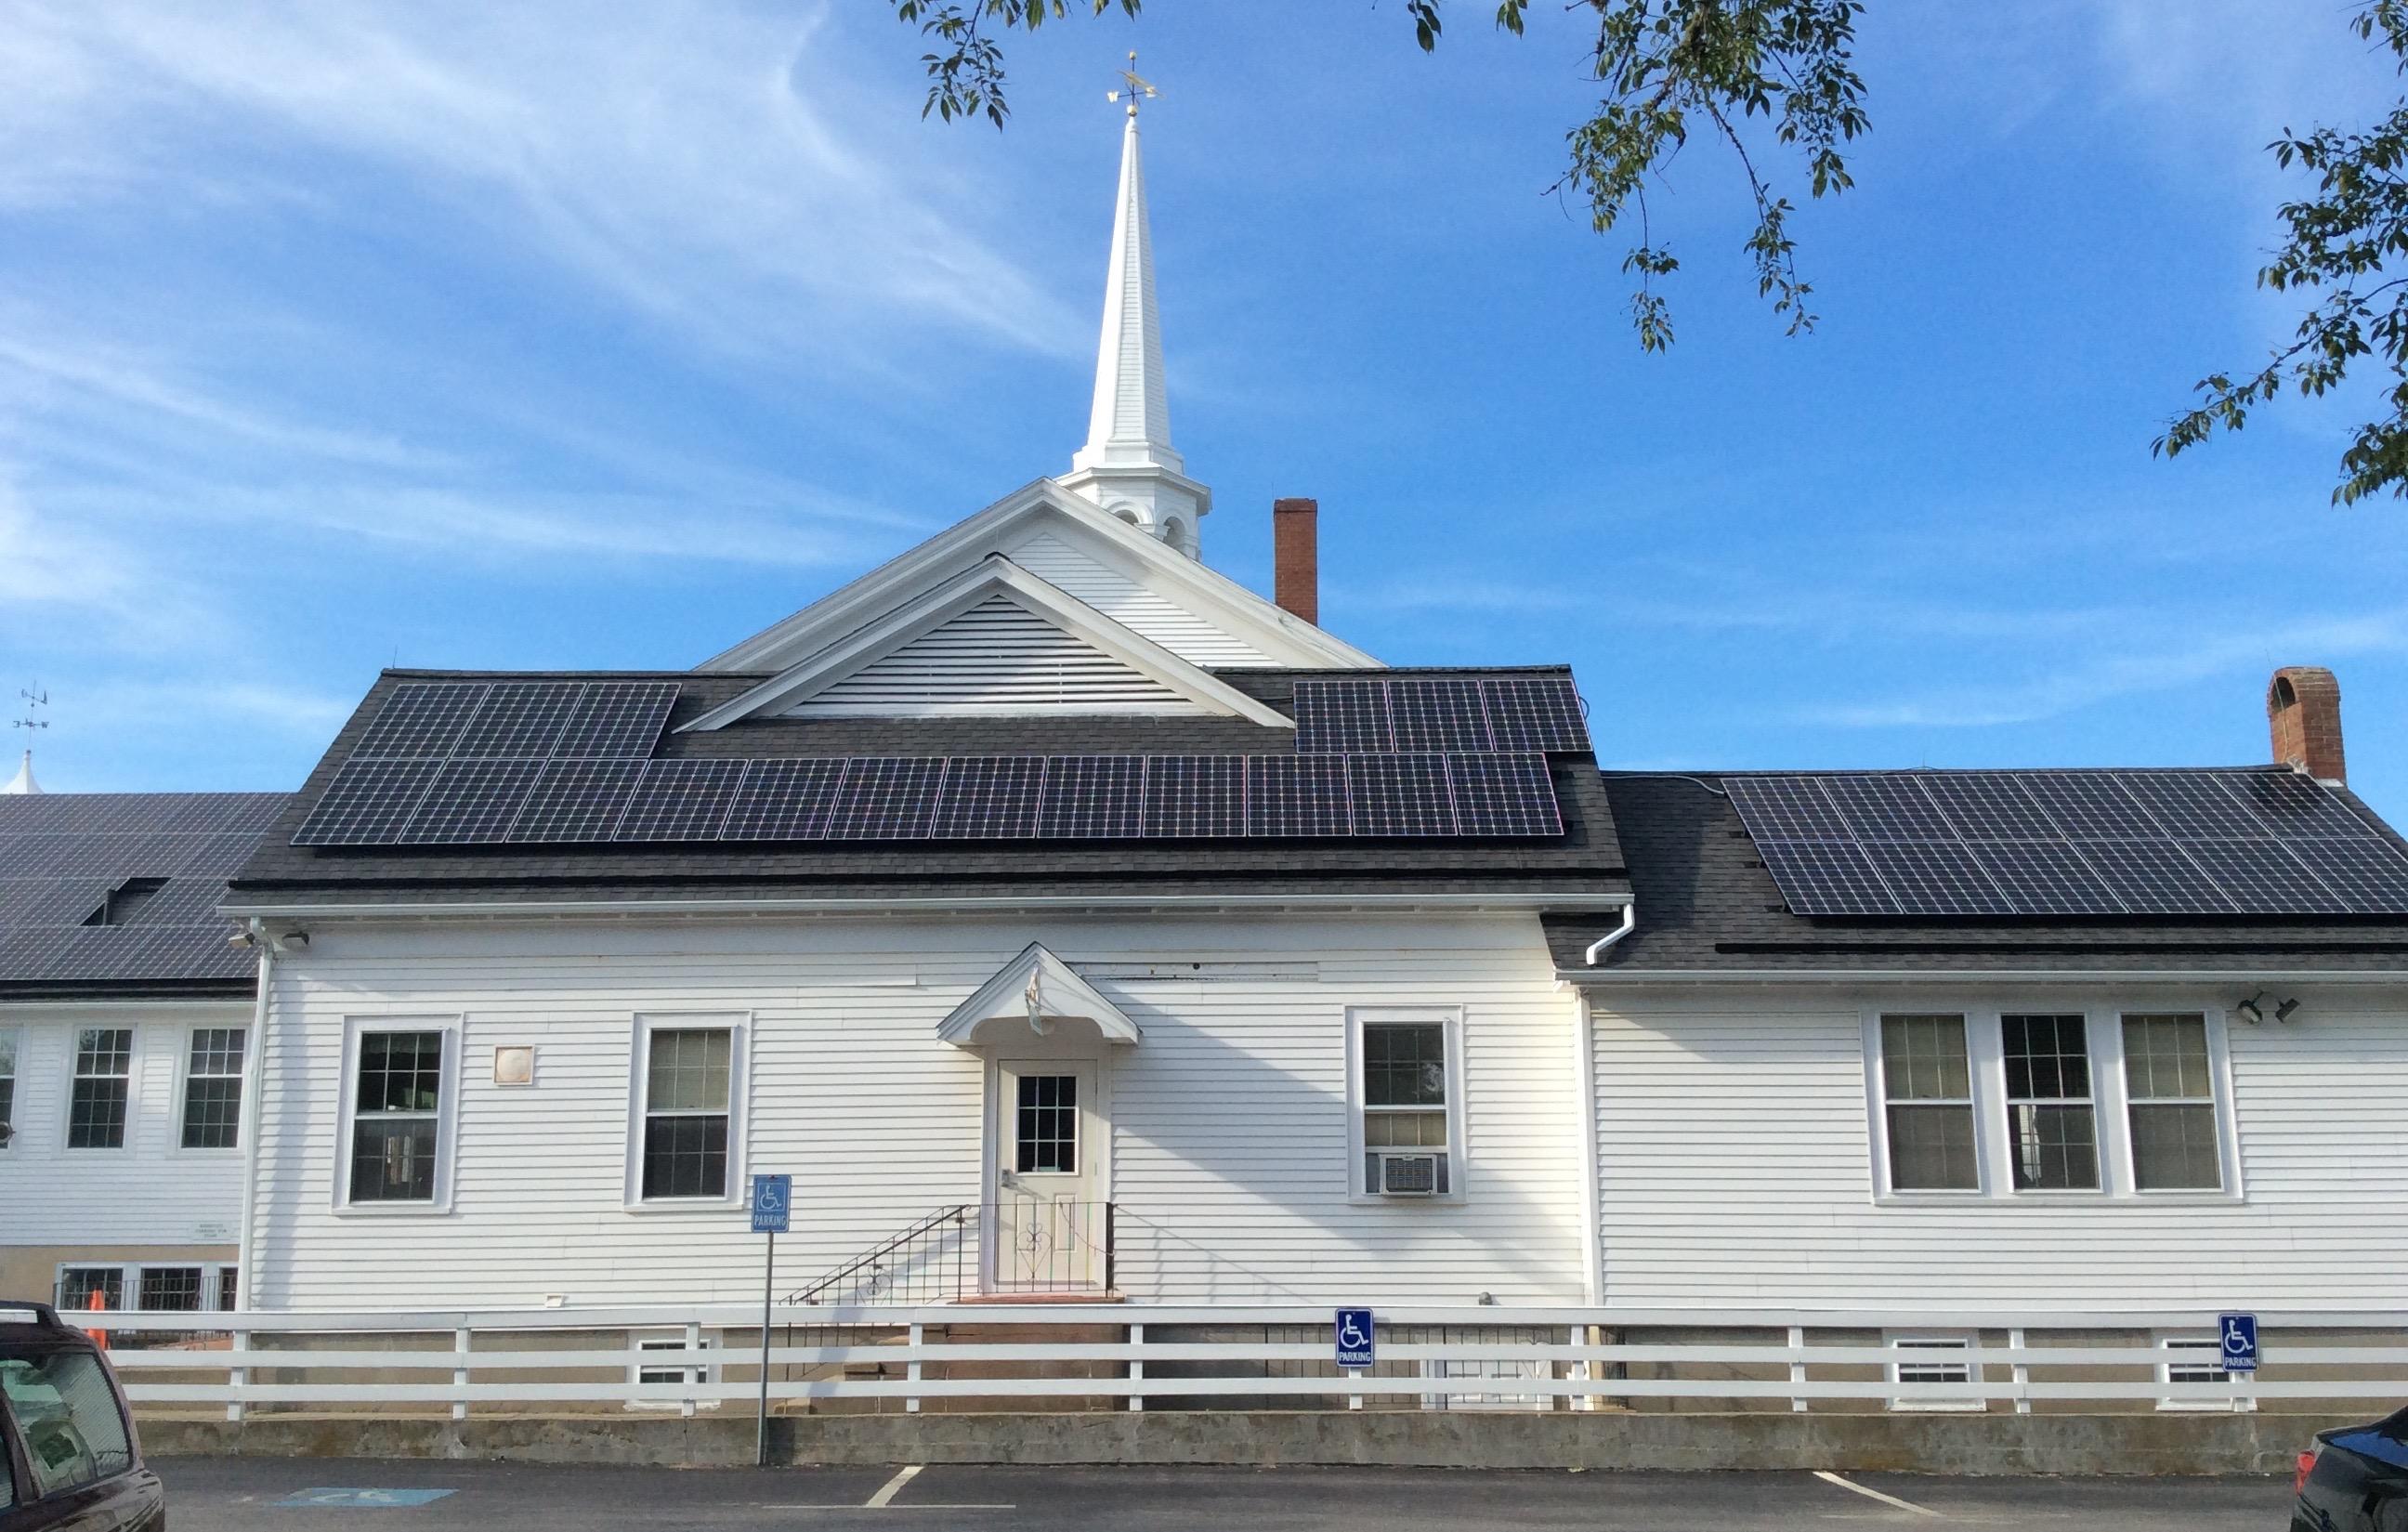 Pilgrim Church solar array- Harwich Port, MA